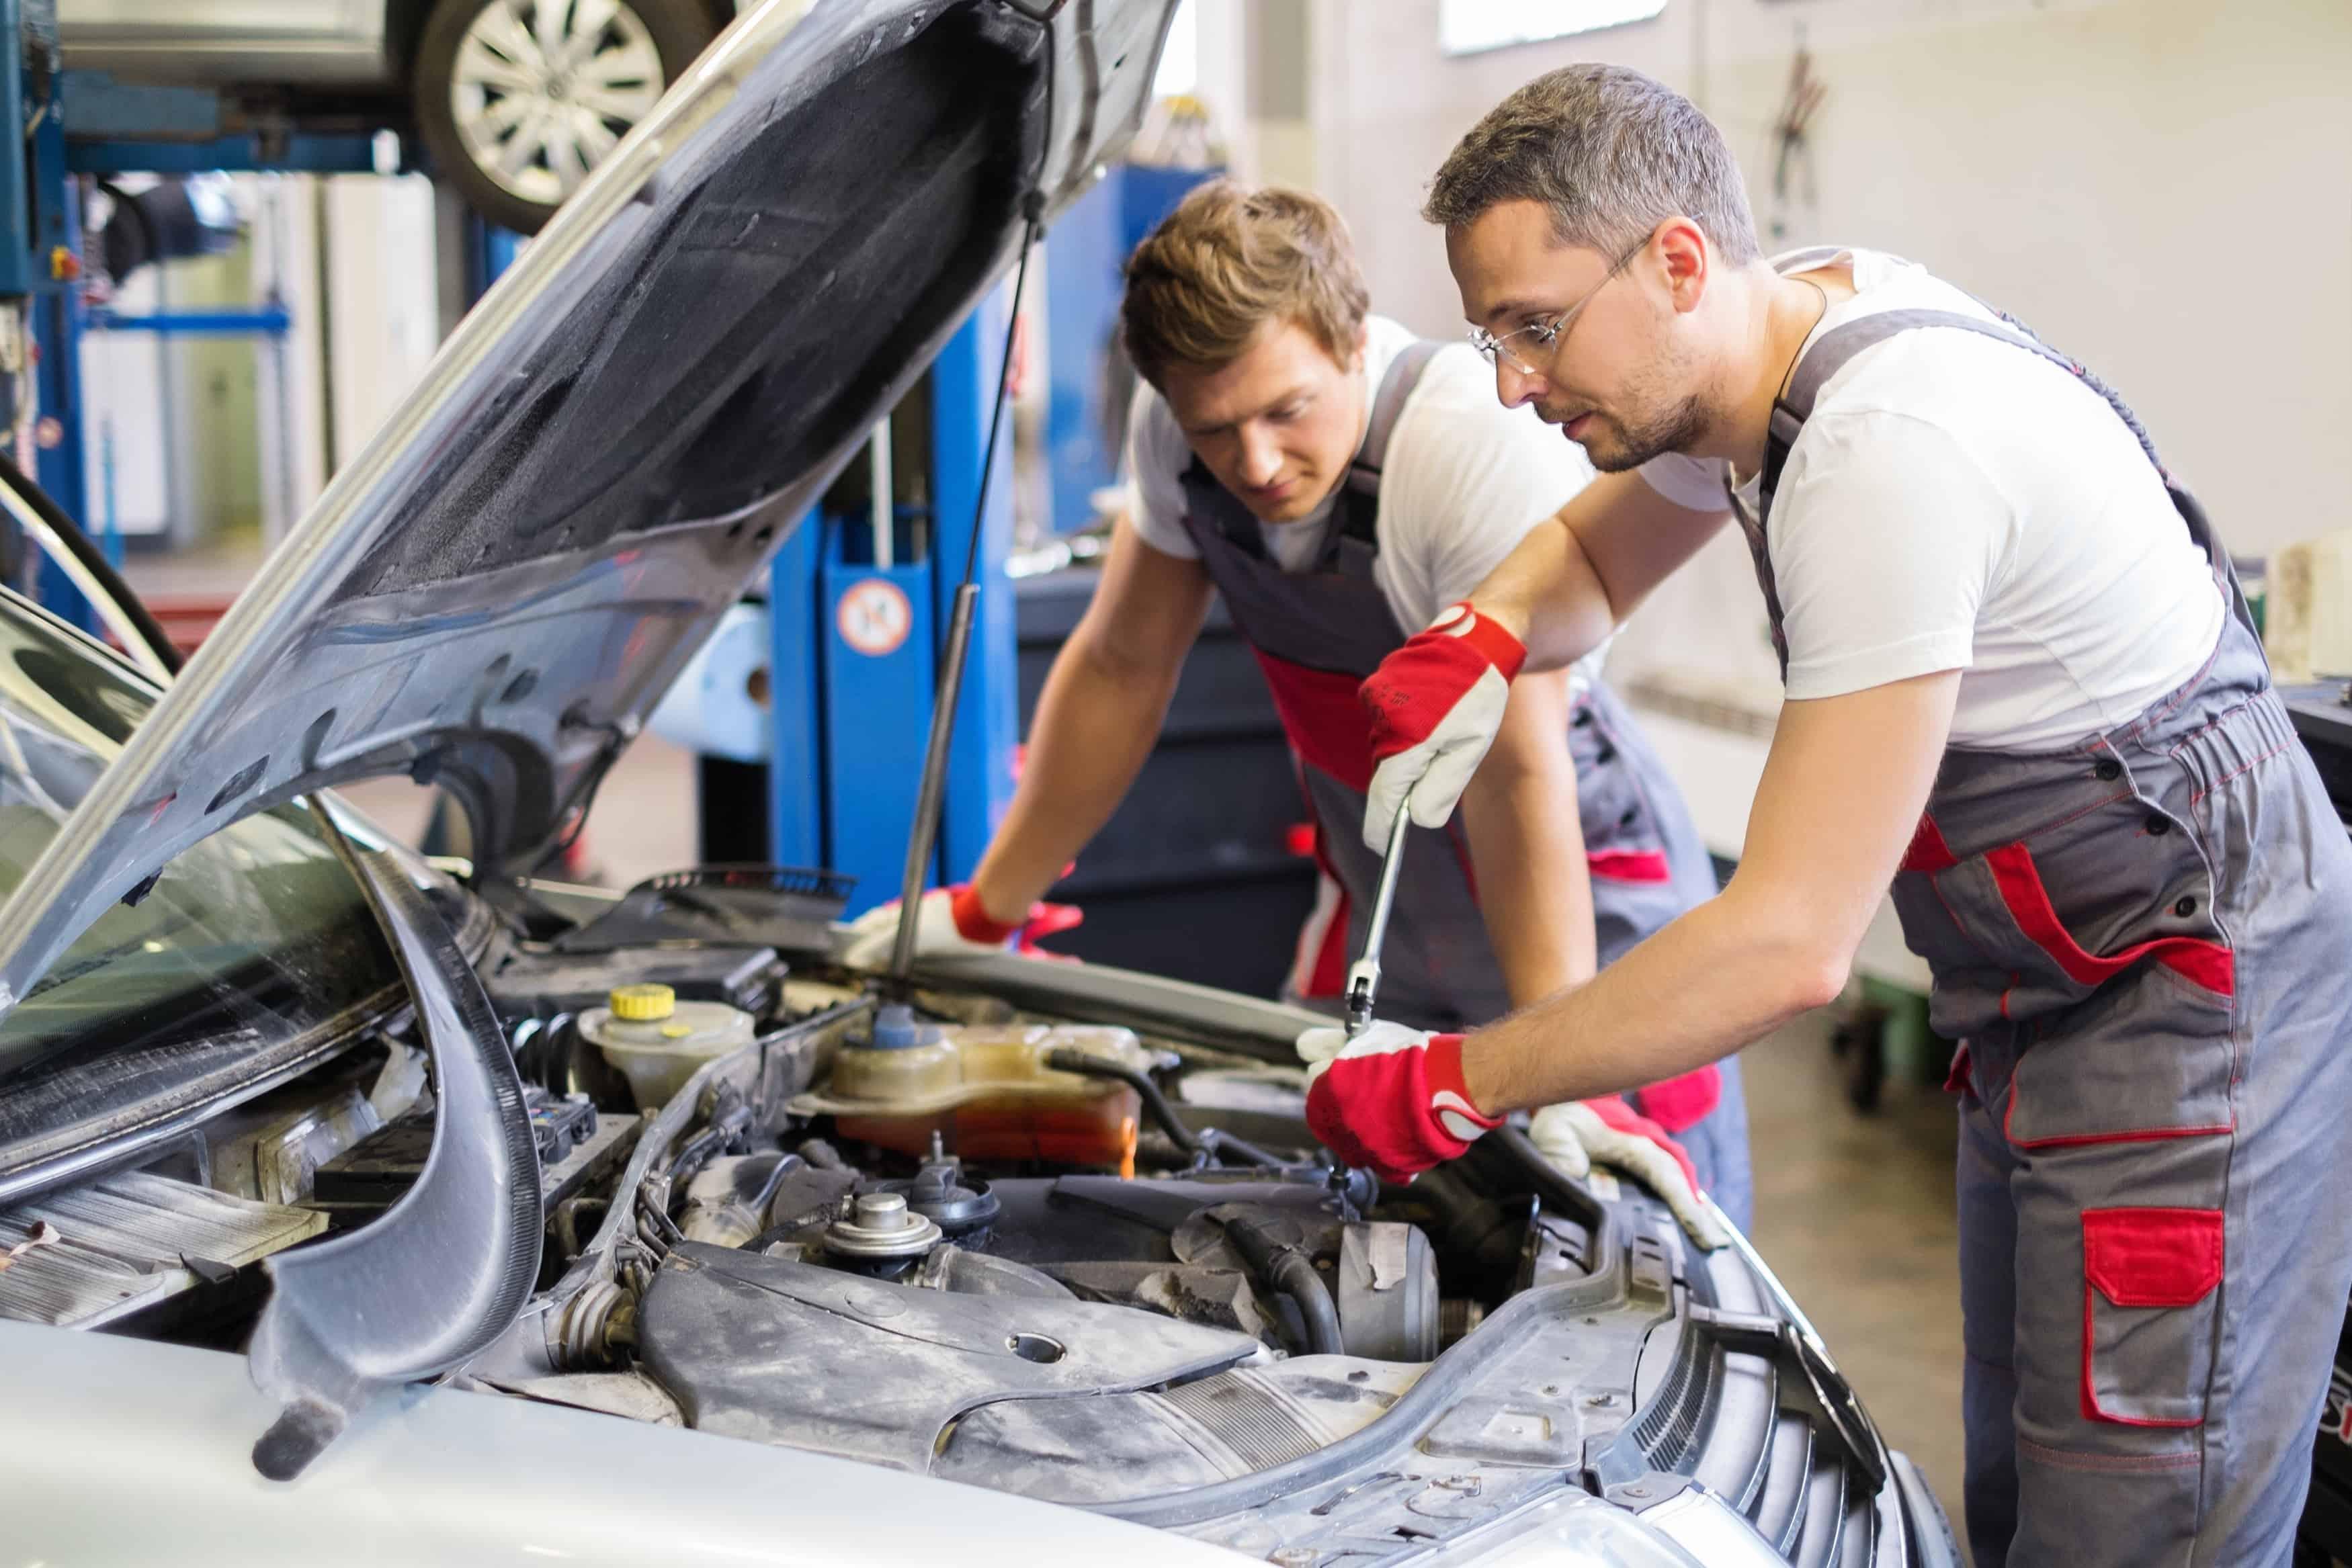 Dwóch mechaników reperuje auto, zaglądają do silnika i przewodów